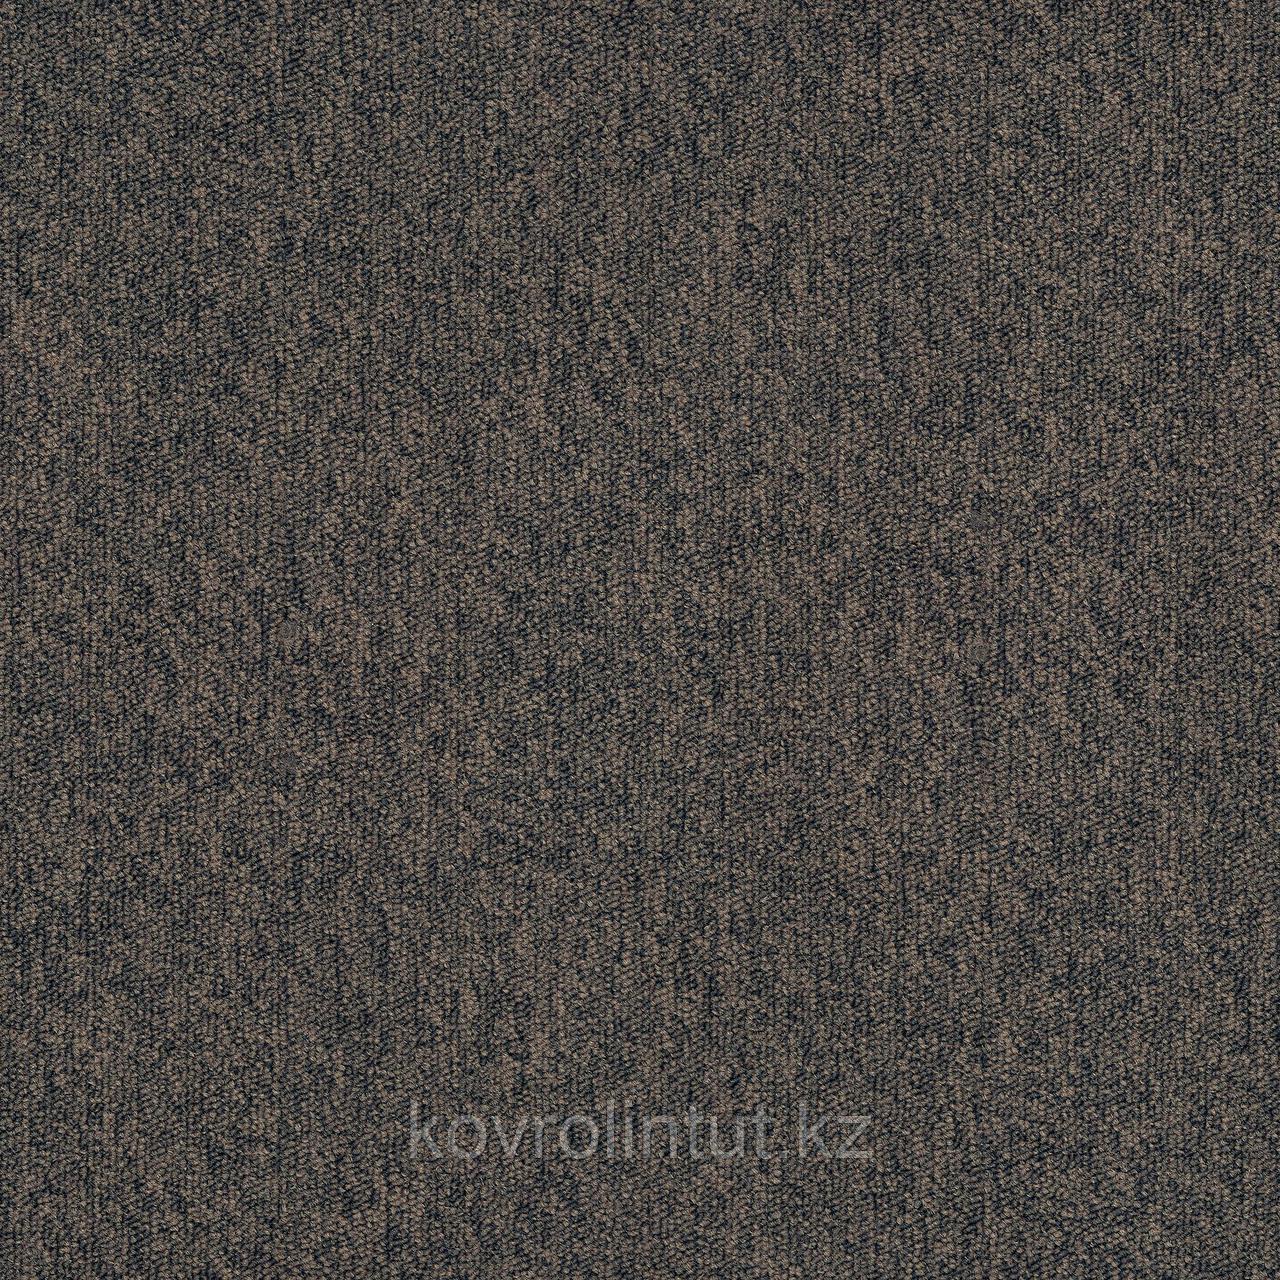 Ковровая плитка с КМ2 Galaxy Light Таркетт (Tarkett) 39586